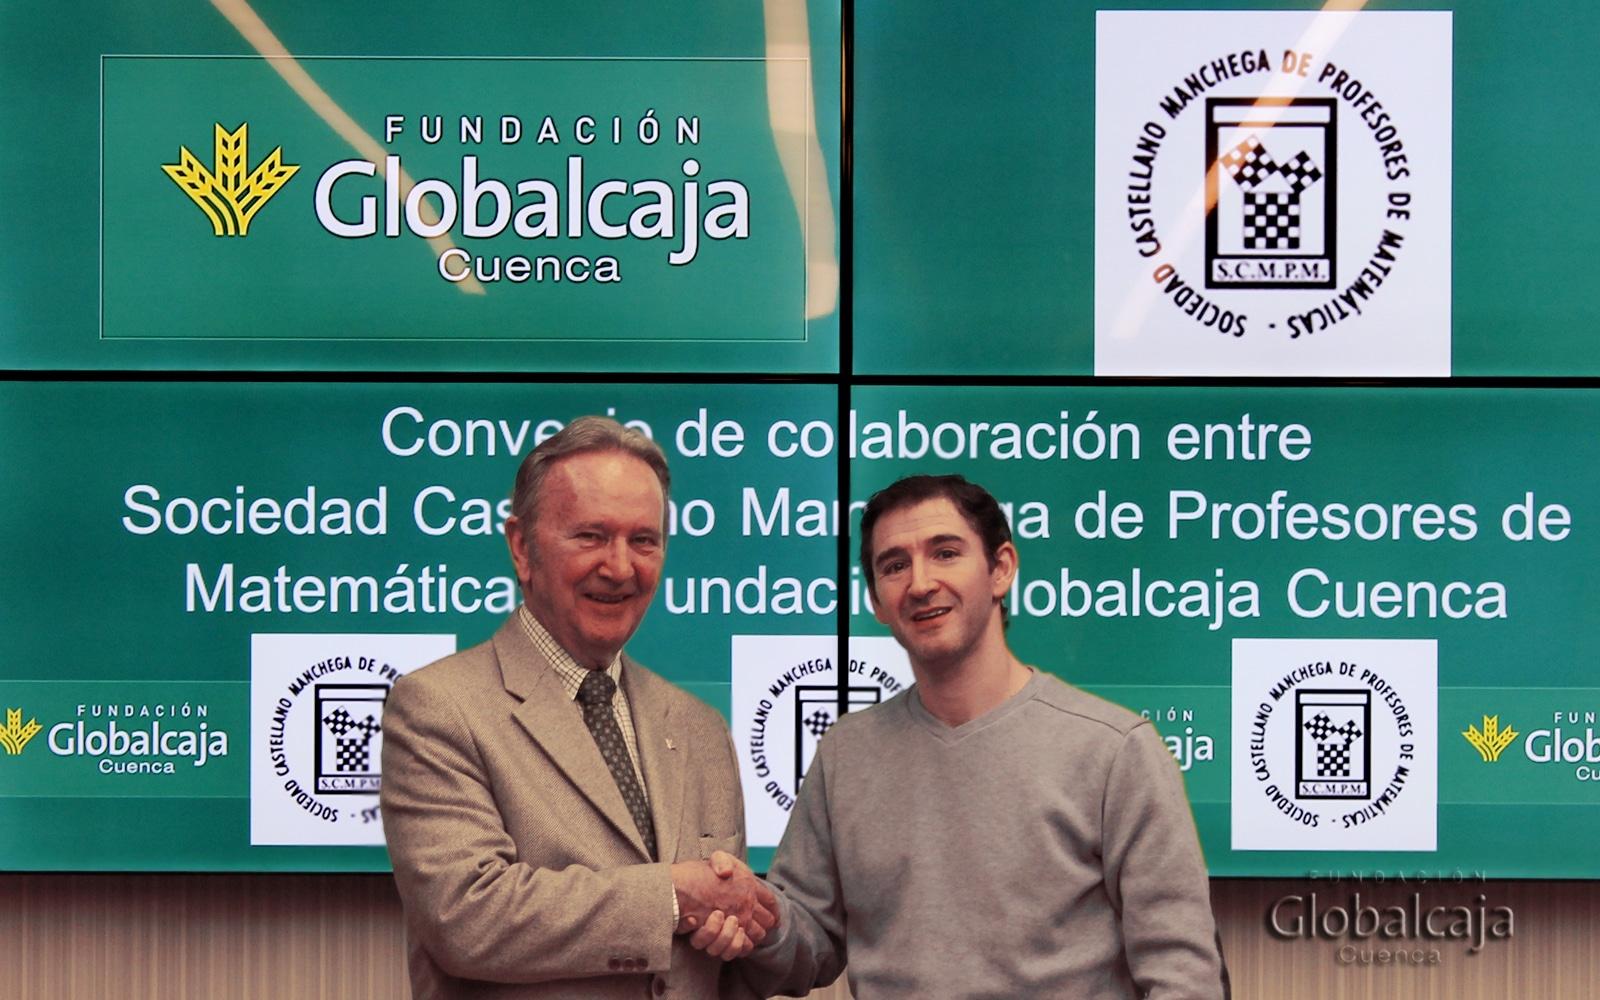 La Fundación Globalcaja Cuenca apoya a la Sociedad Castellano-Manchega de Profesores de Matemáticas